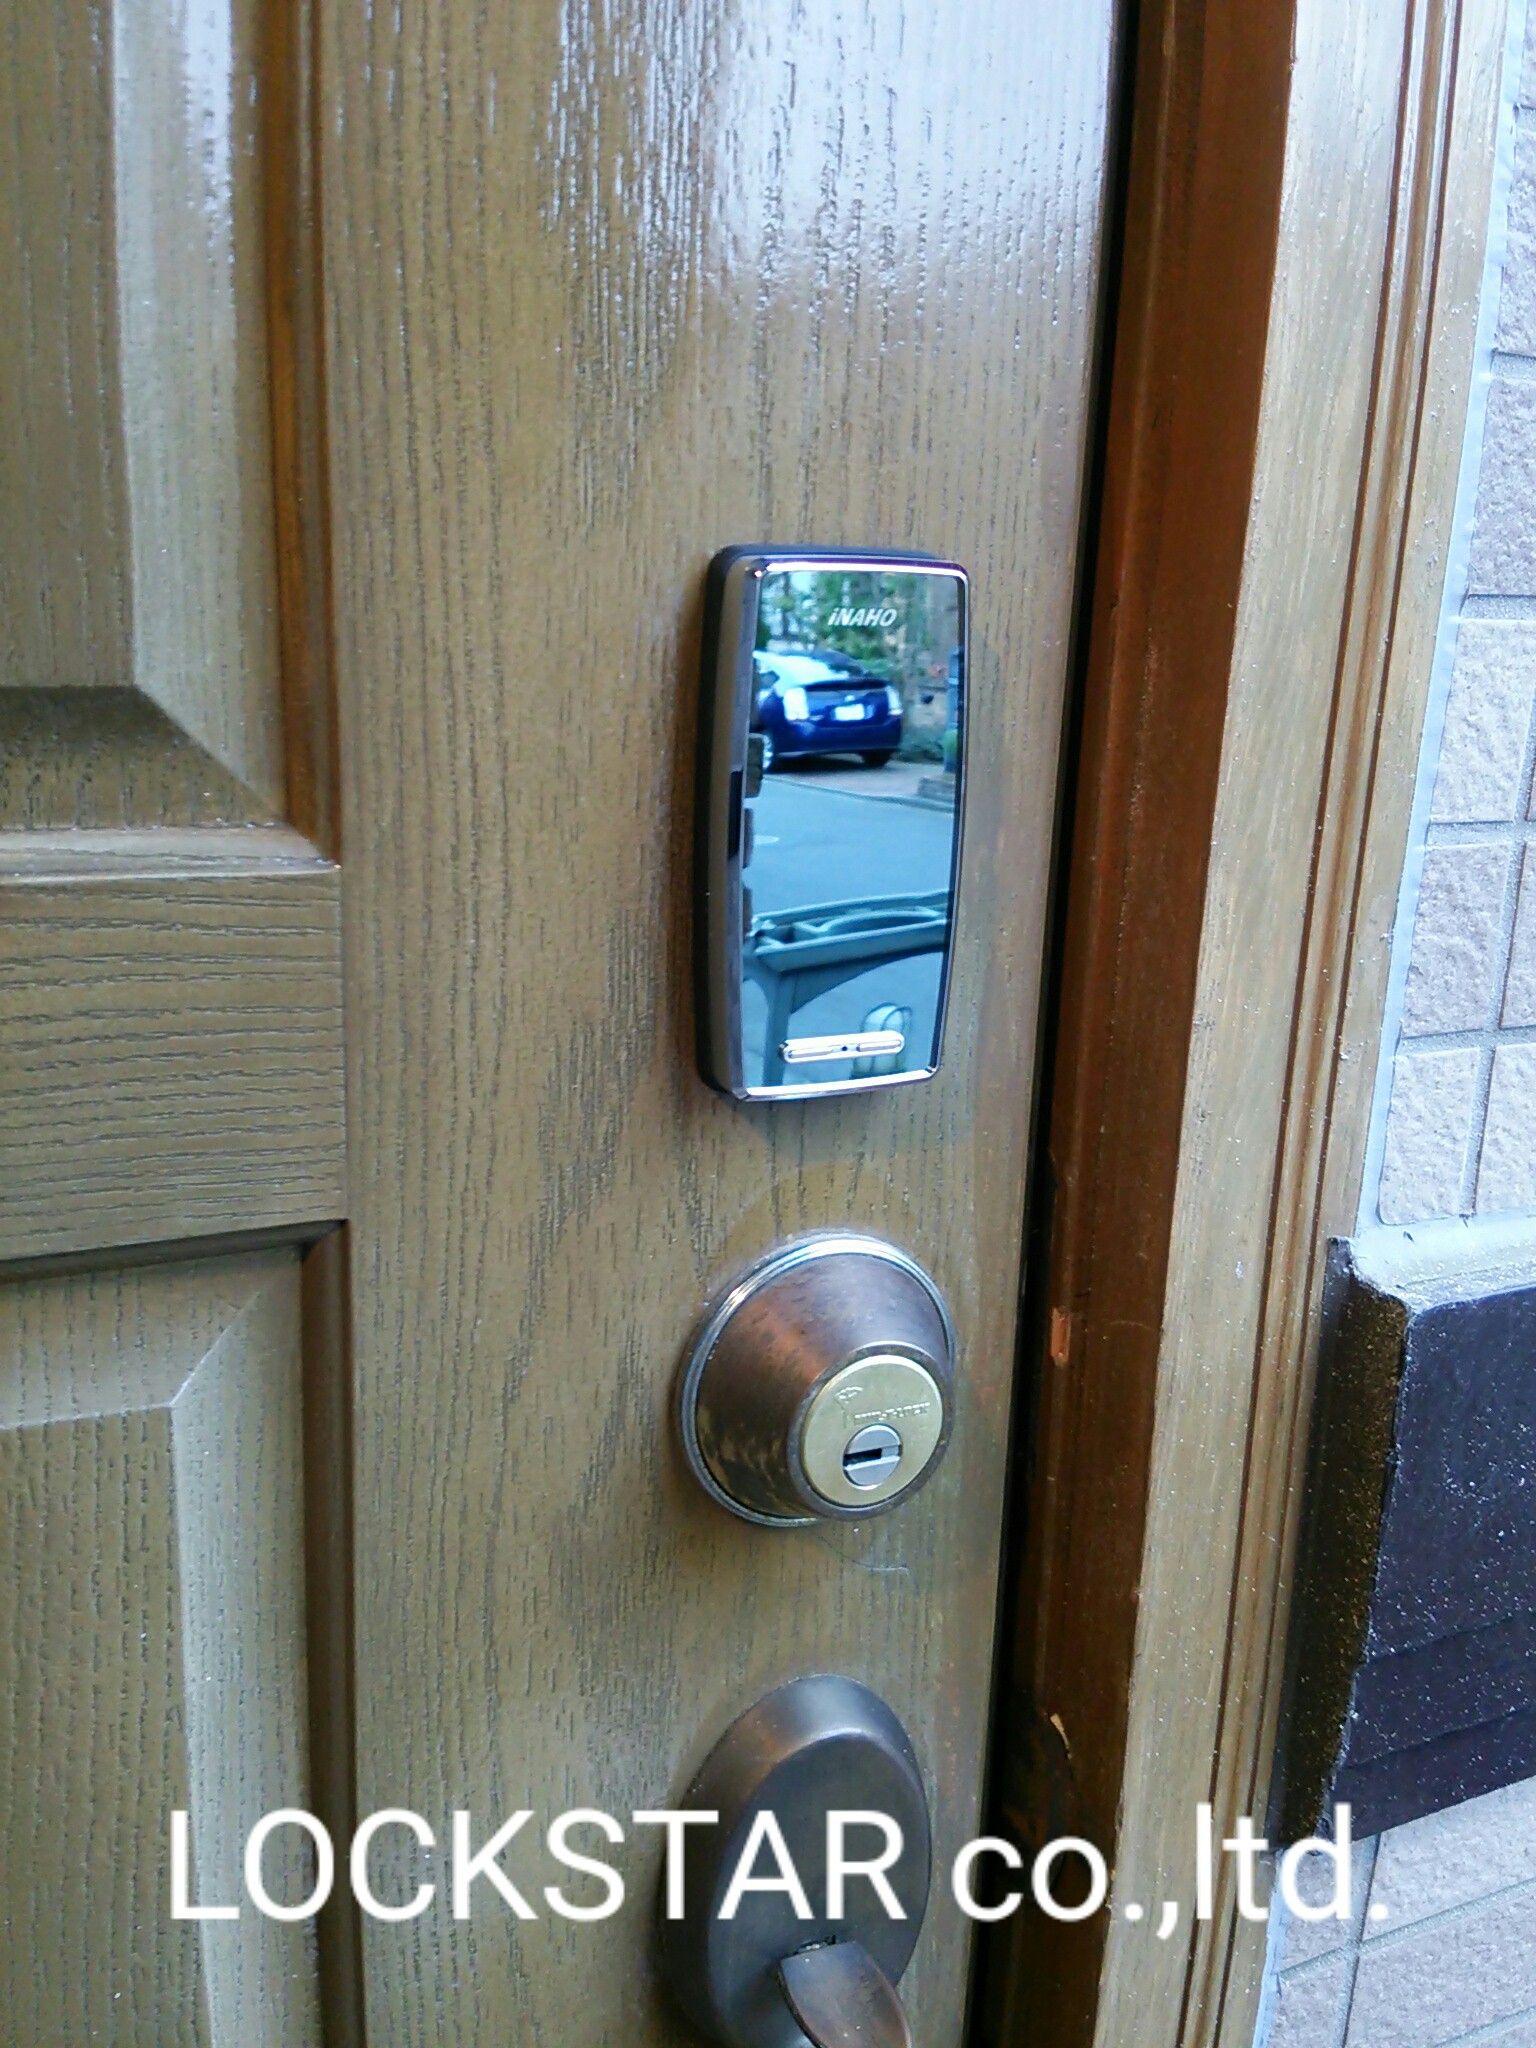 日本一安い 鍵と鍵交換のロックスター 千葉 東京 神奈川 電子ロック錠 玄関ドア 鍵 玄関